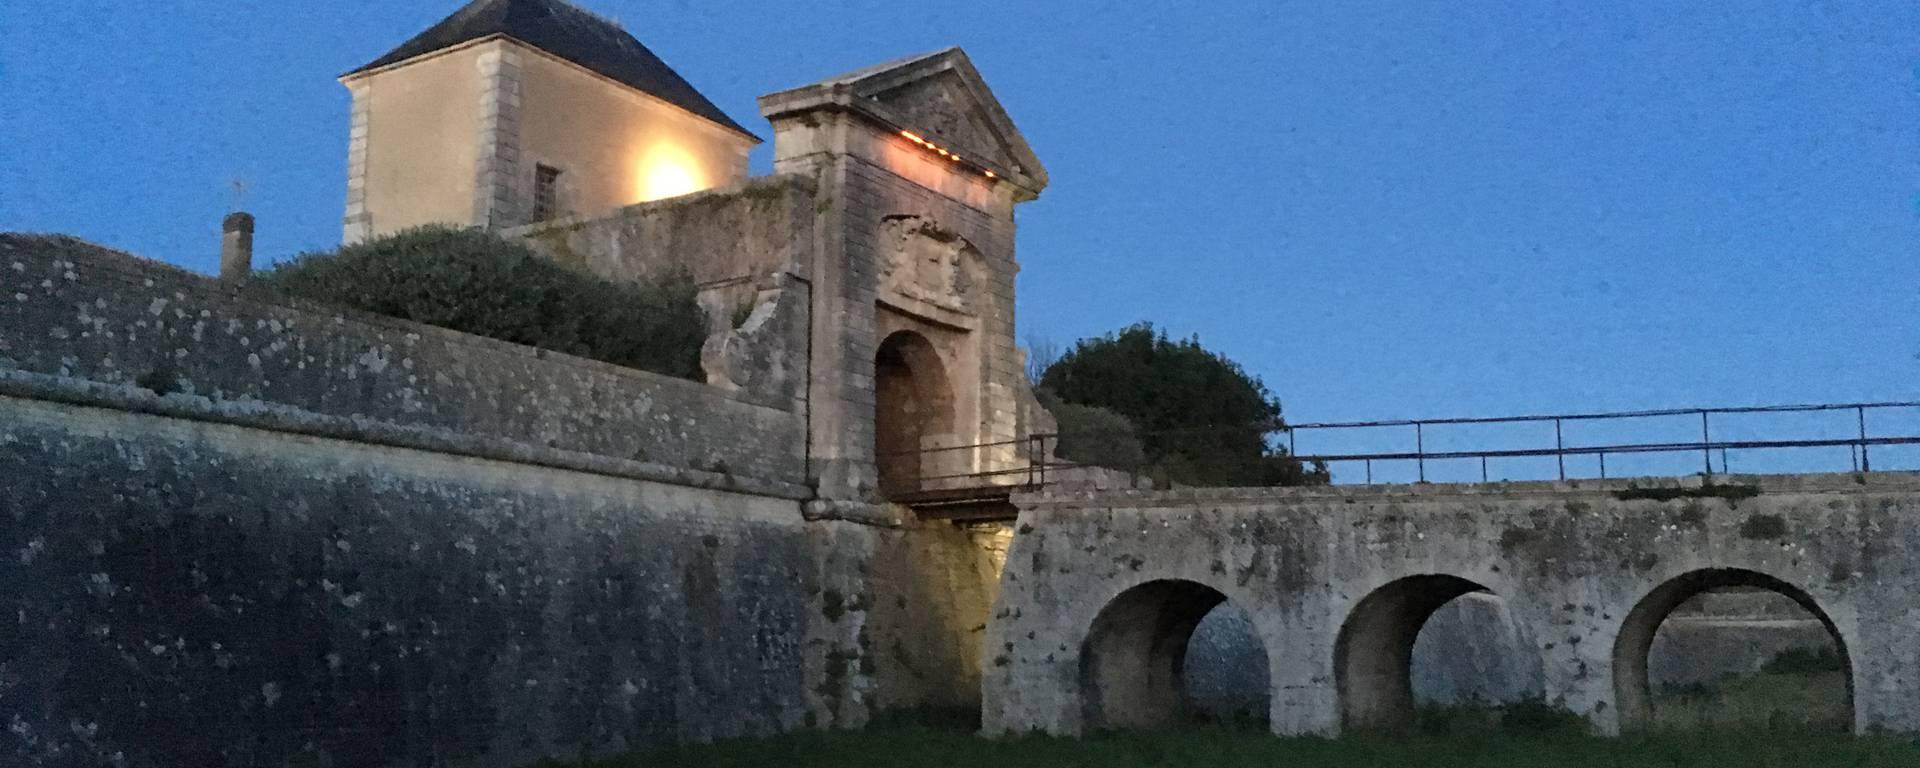 Fortifications ©Destination ile de ré